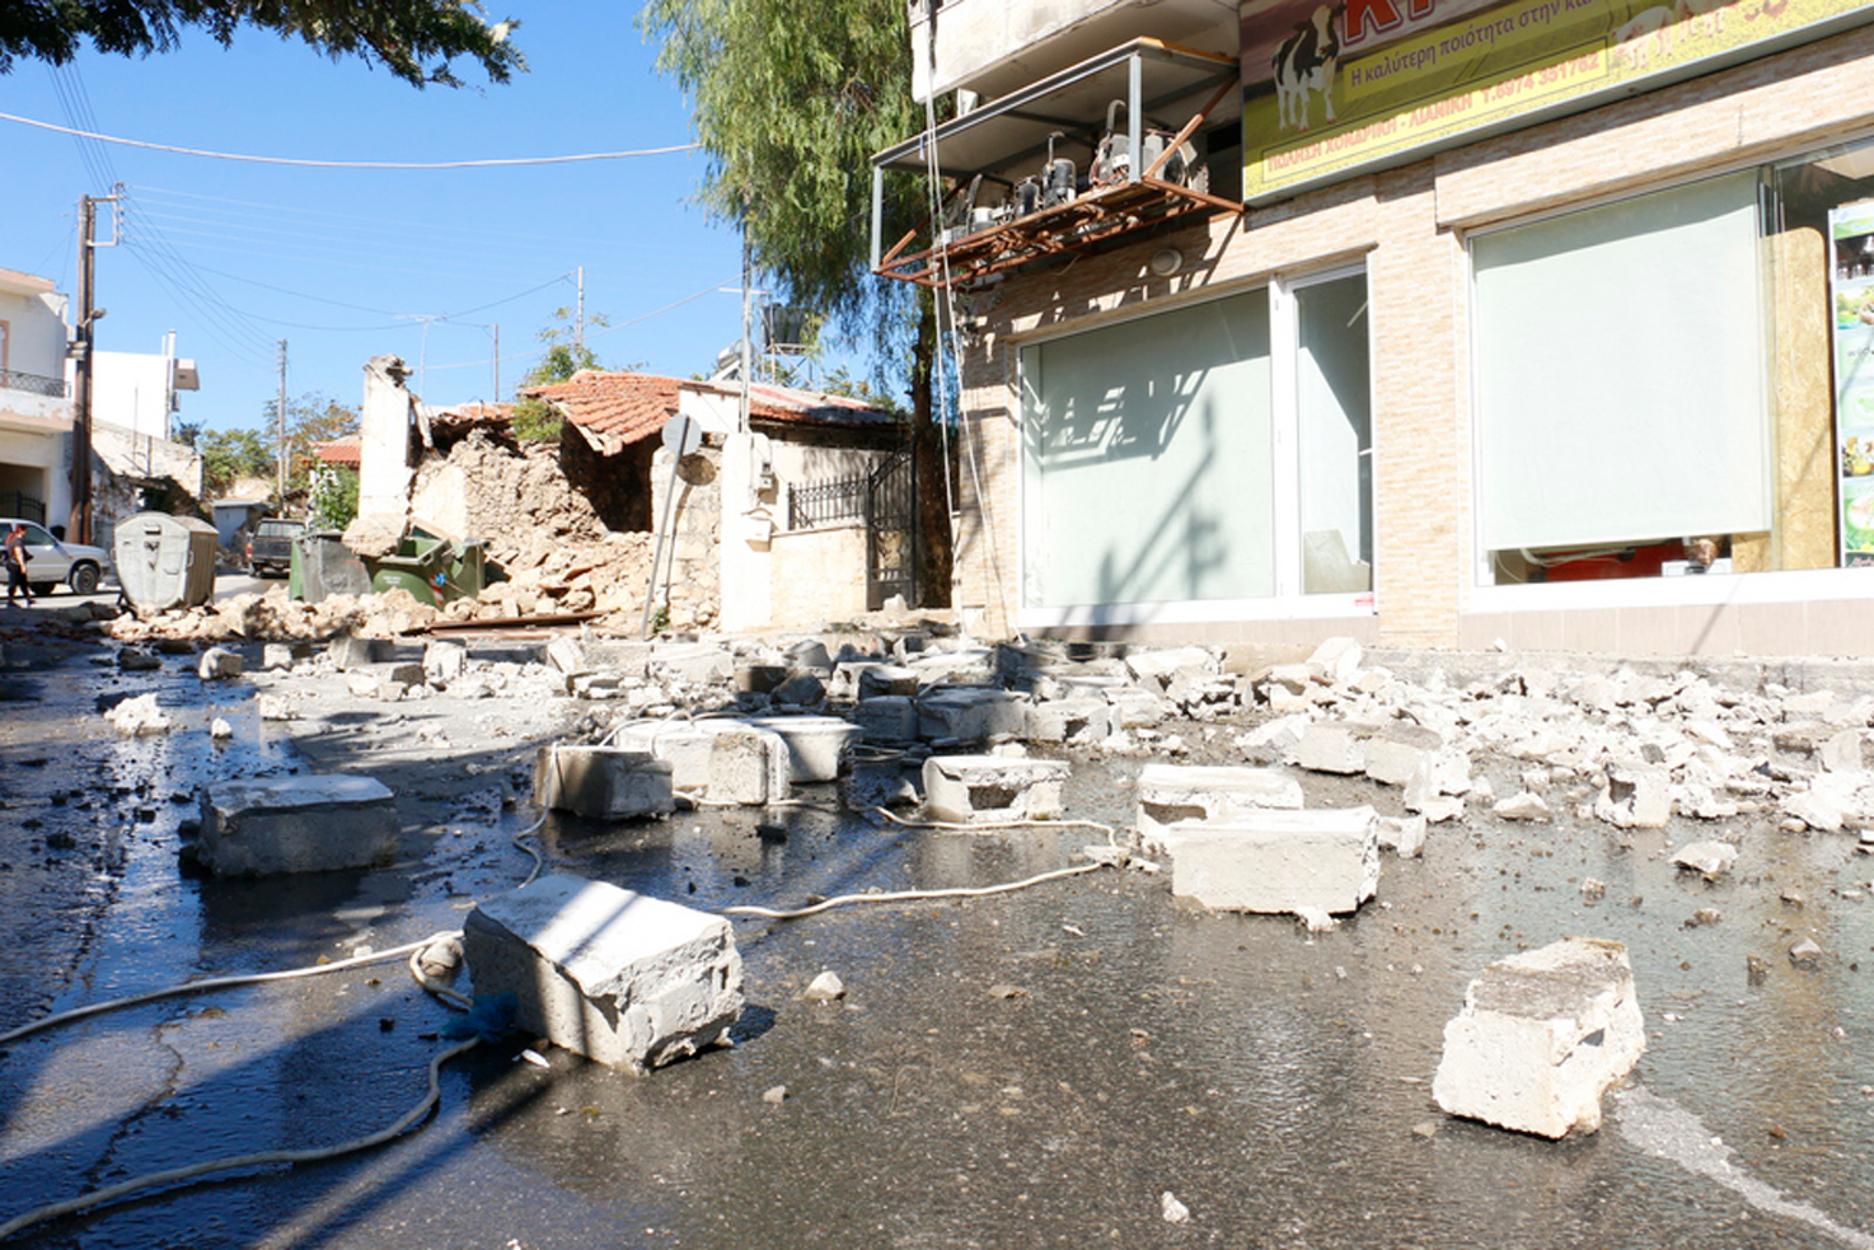 Σεισμός στην Κρήτη: Απανωτοί μετασεισμοί και νέα δόνηση 4,5 Ρίχτερ στο Ηράκλειο